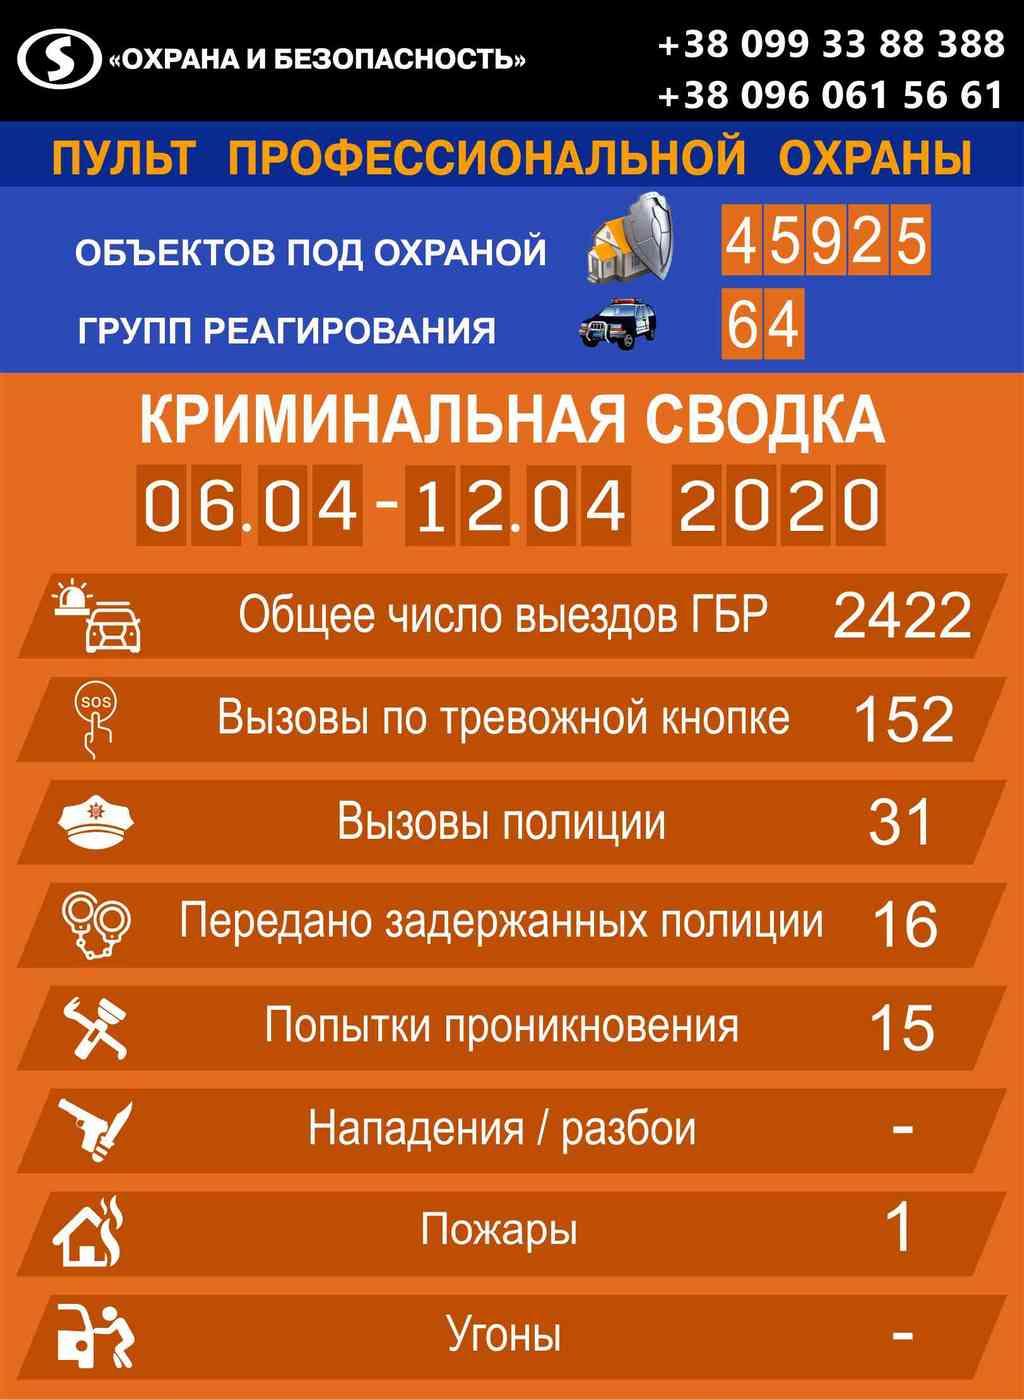 Криминальная сводка происшествий по Харькову и Киеву с 6 по 12 апреля